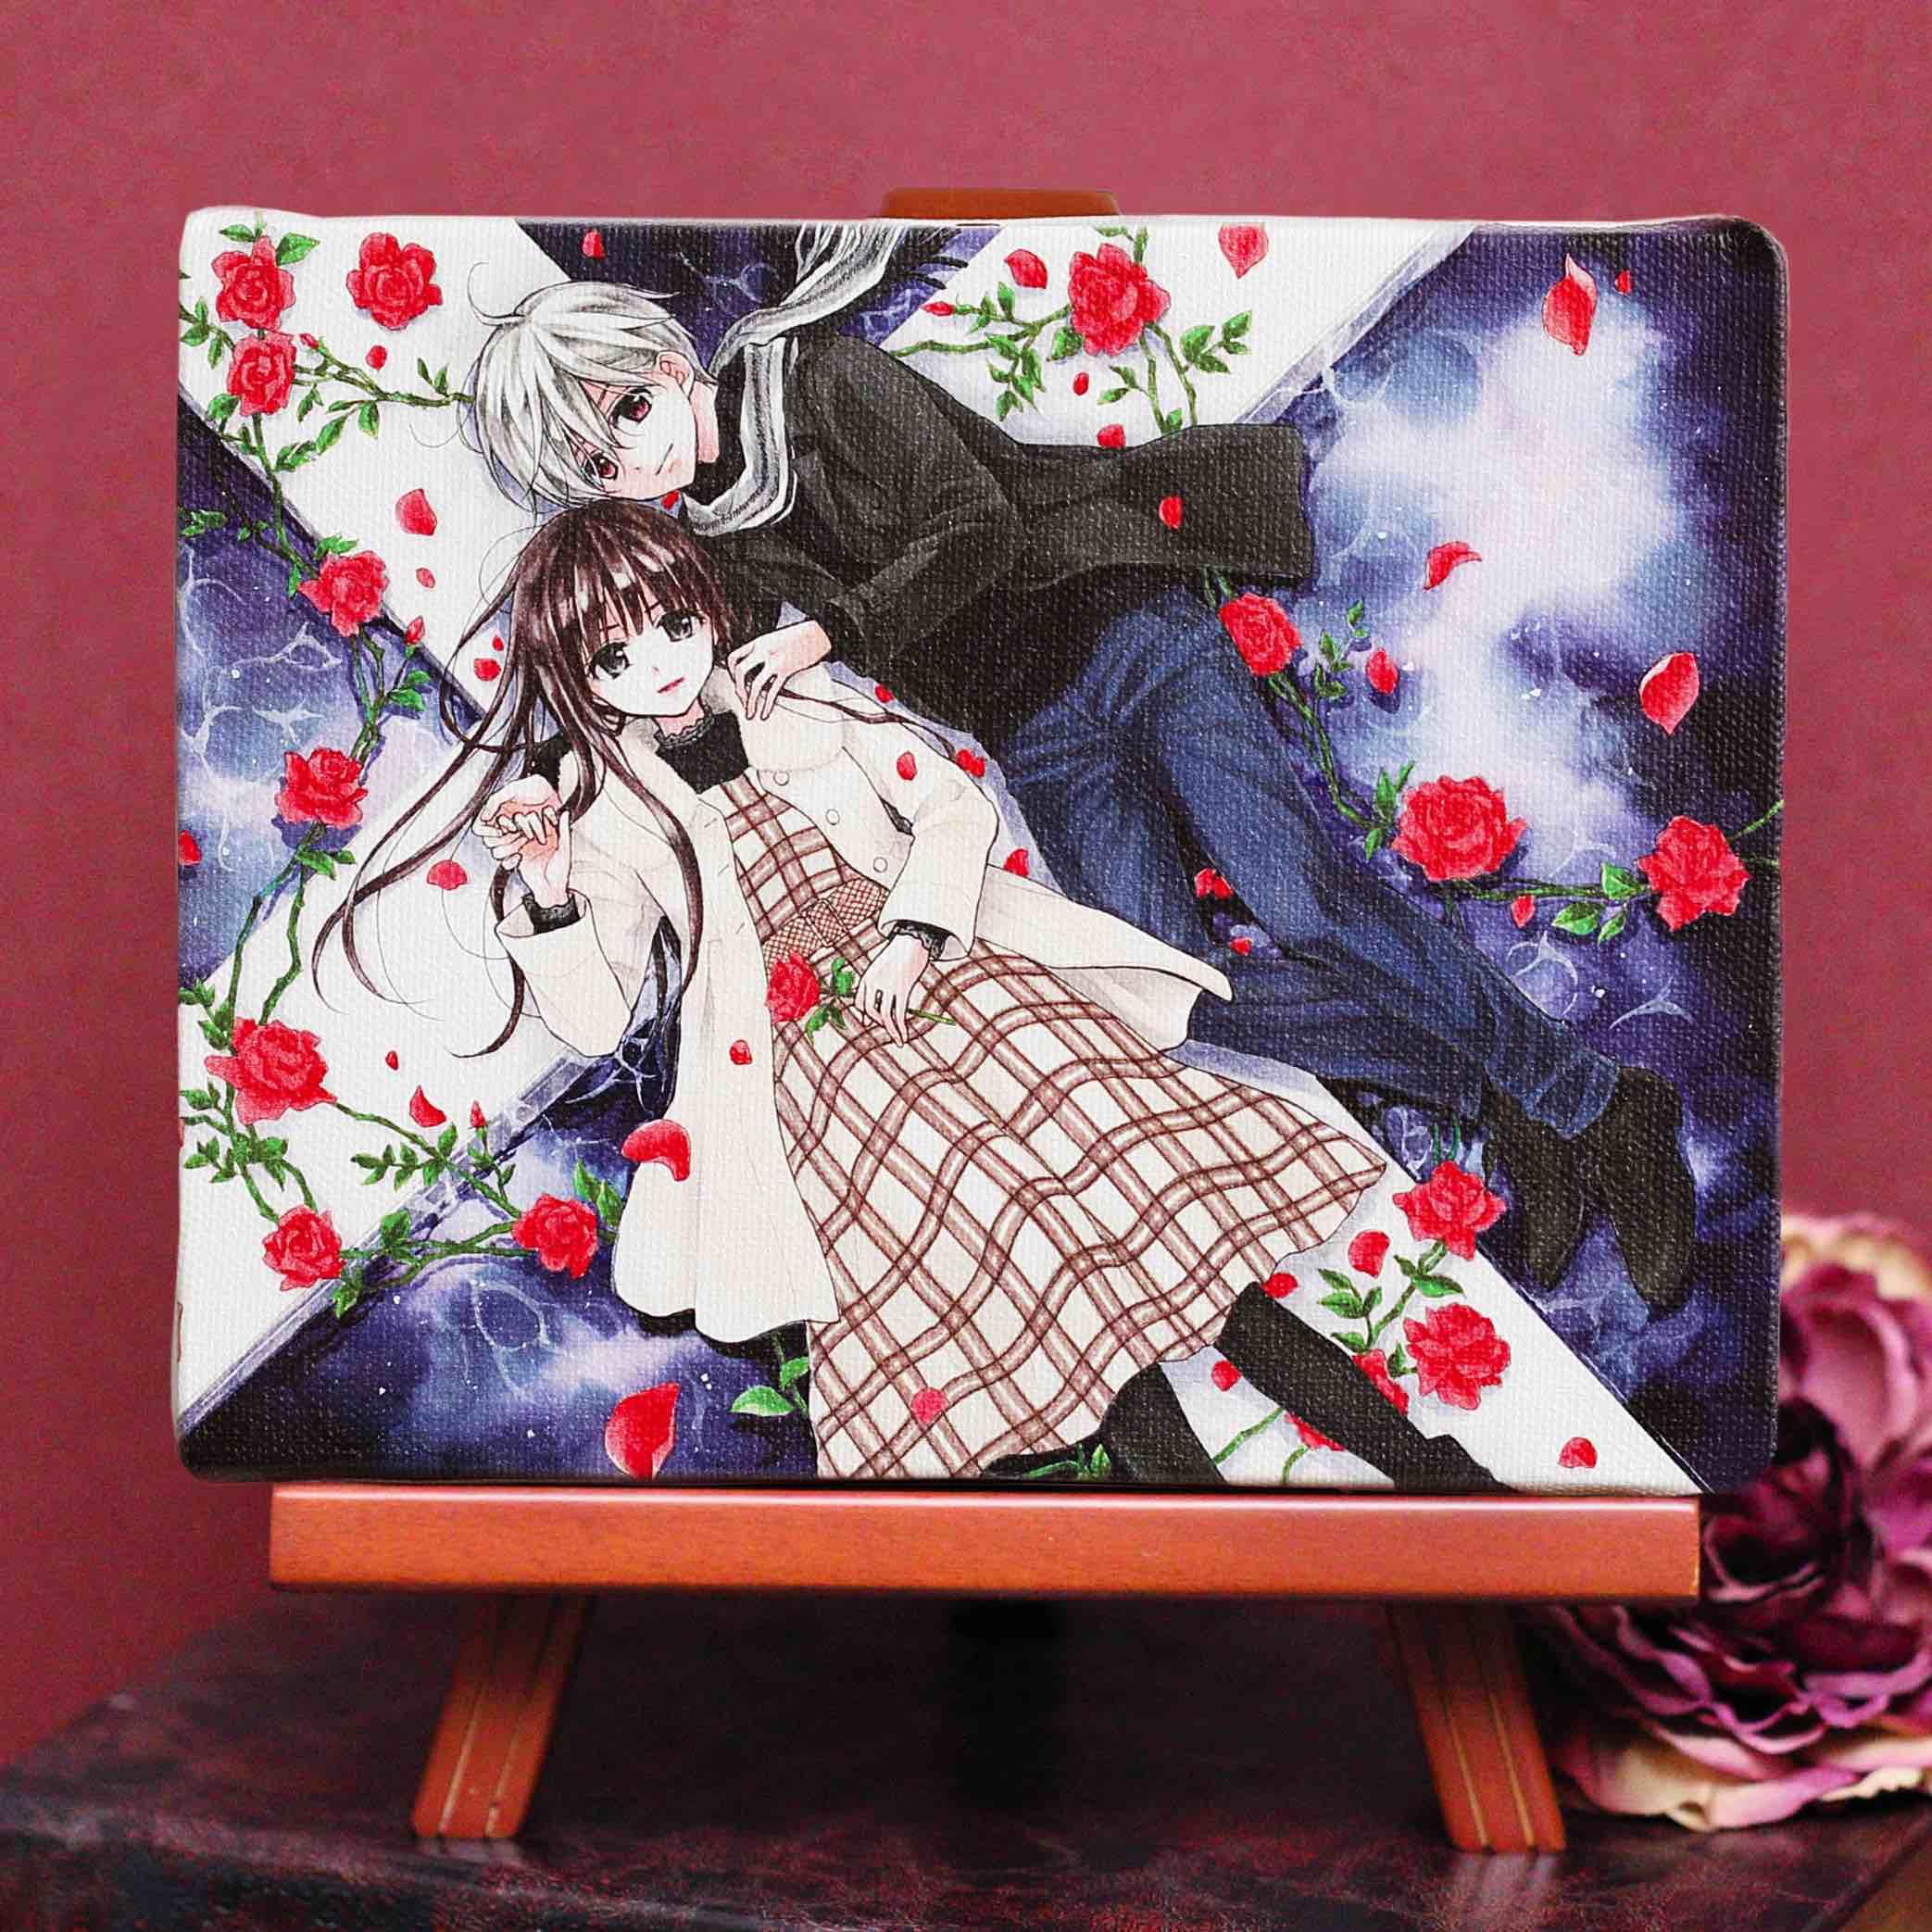 くまがい杏子先生「チョコレート・ヴァンパイア」イーゼル付きキャンバスアートA(中)